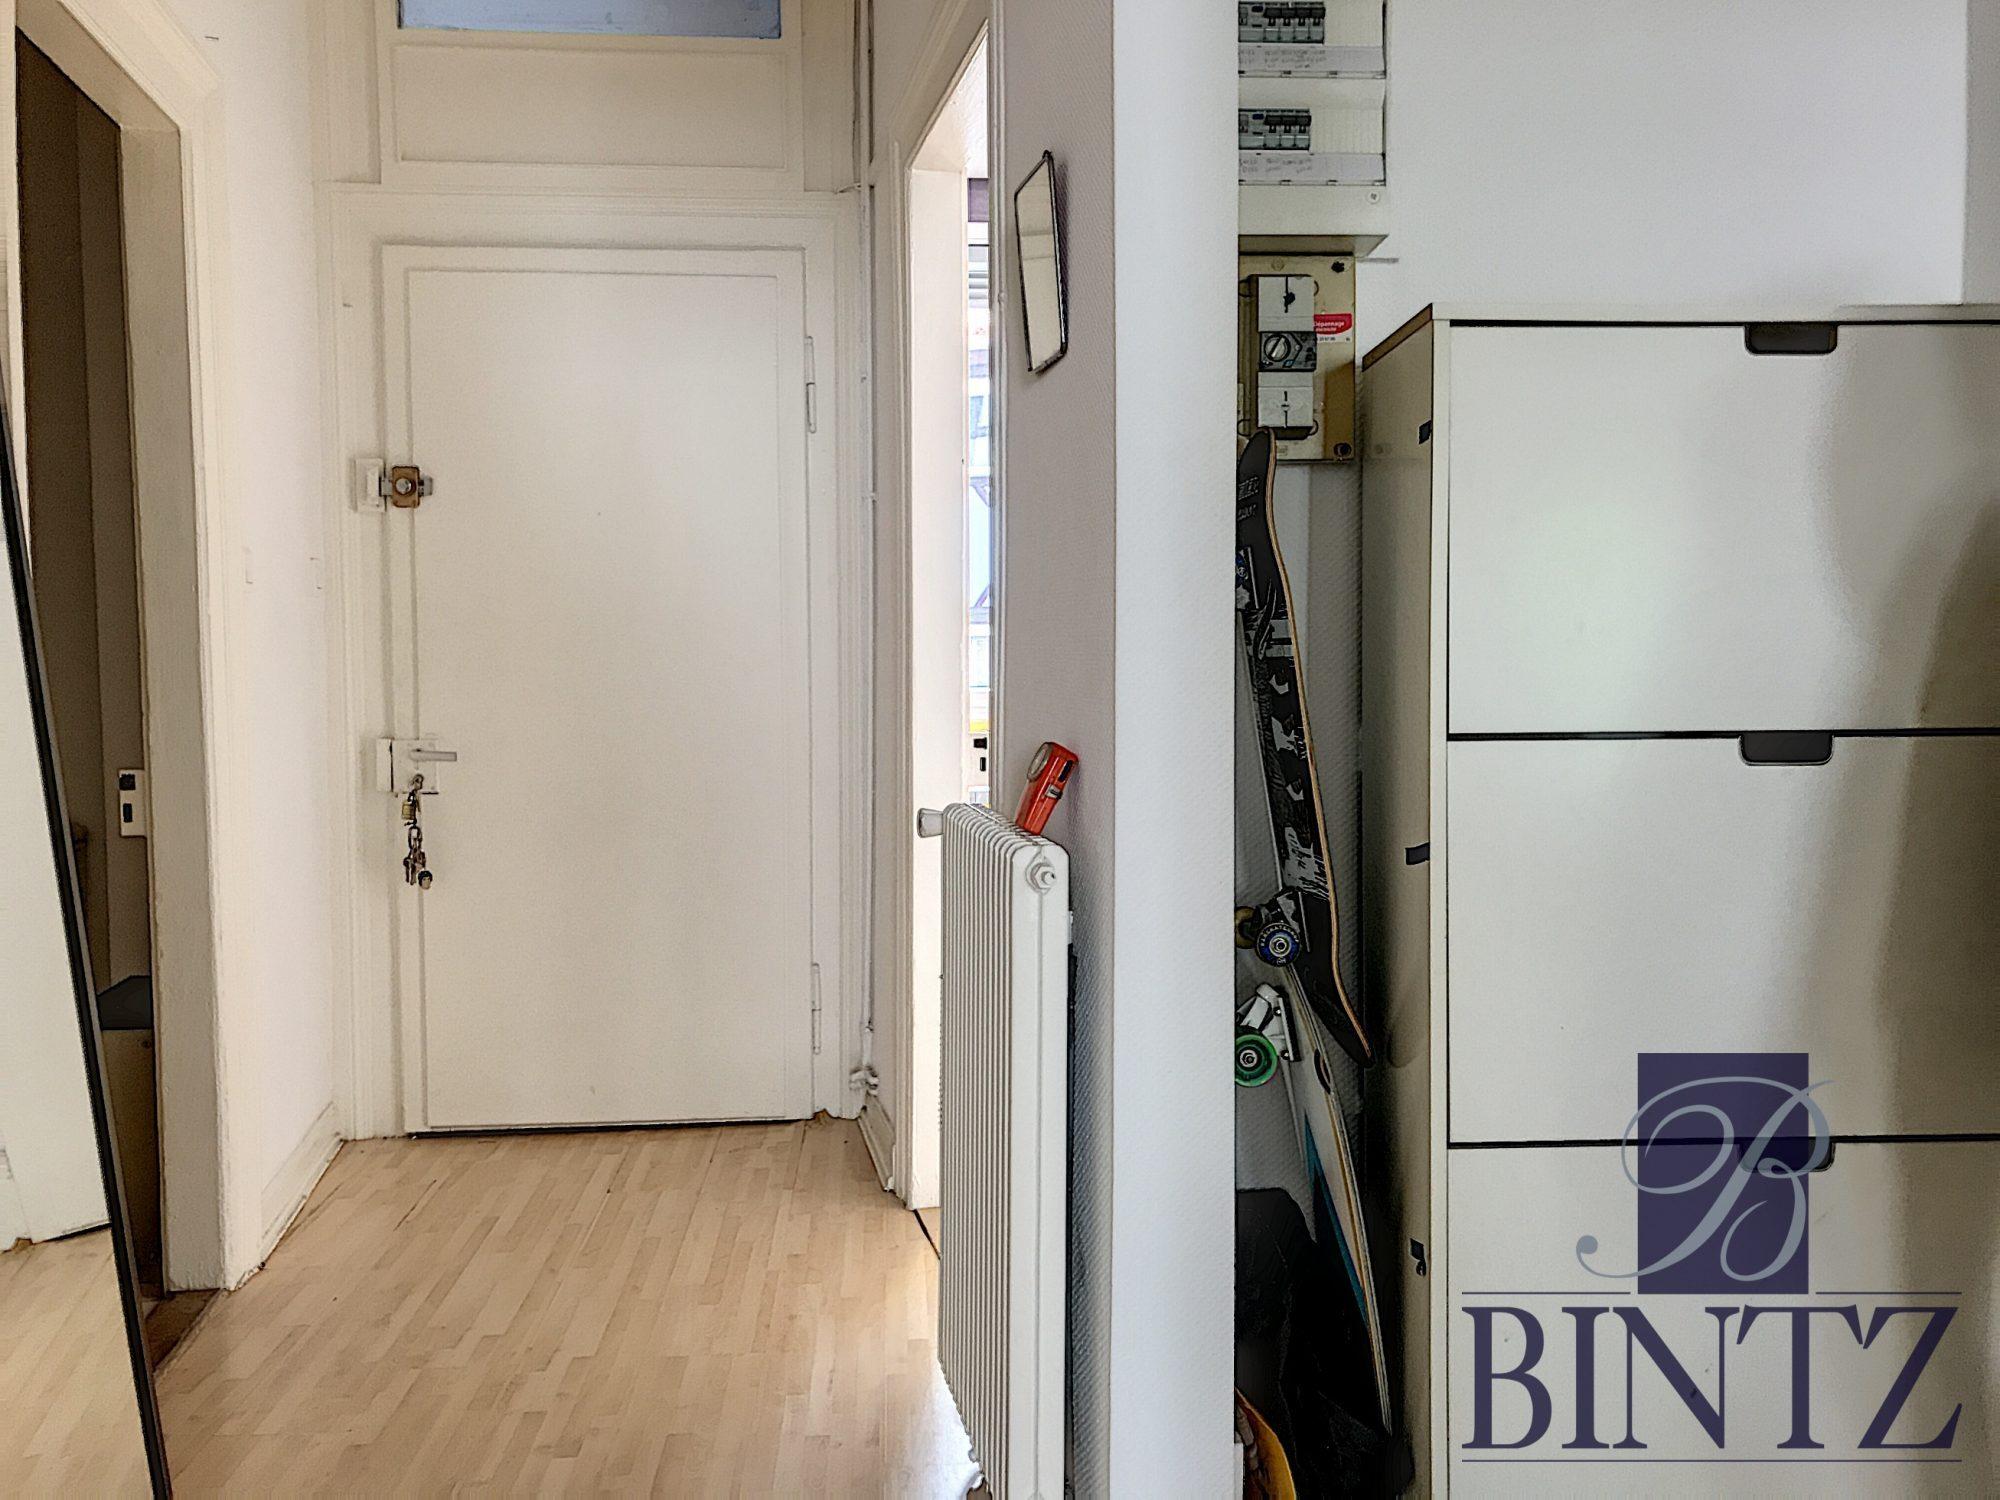 2 PIÈCES RUE DE ZURICH - Devenez locataire en toute sérénité - Bintz Immobilier - 7